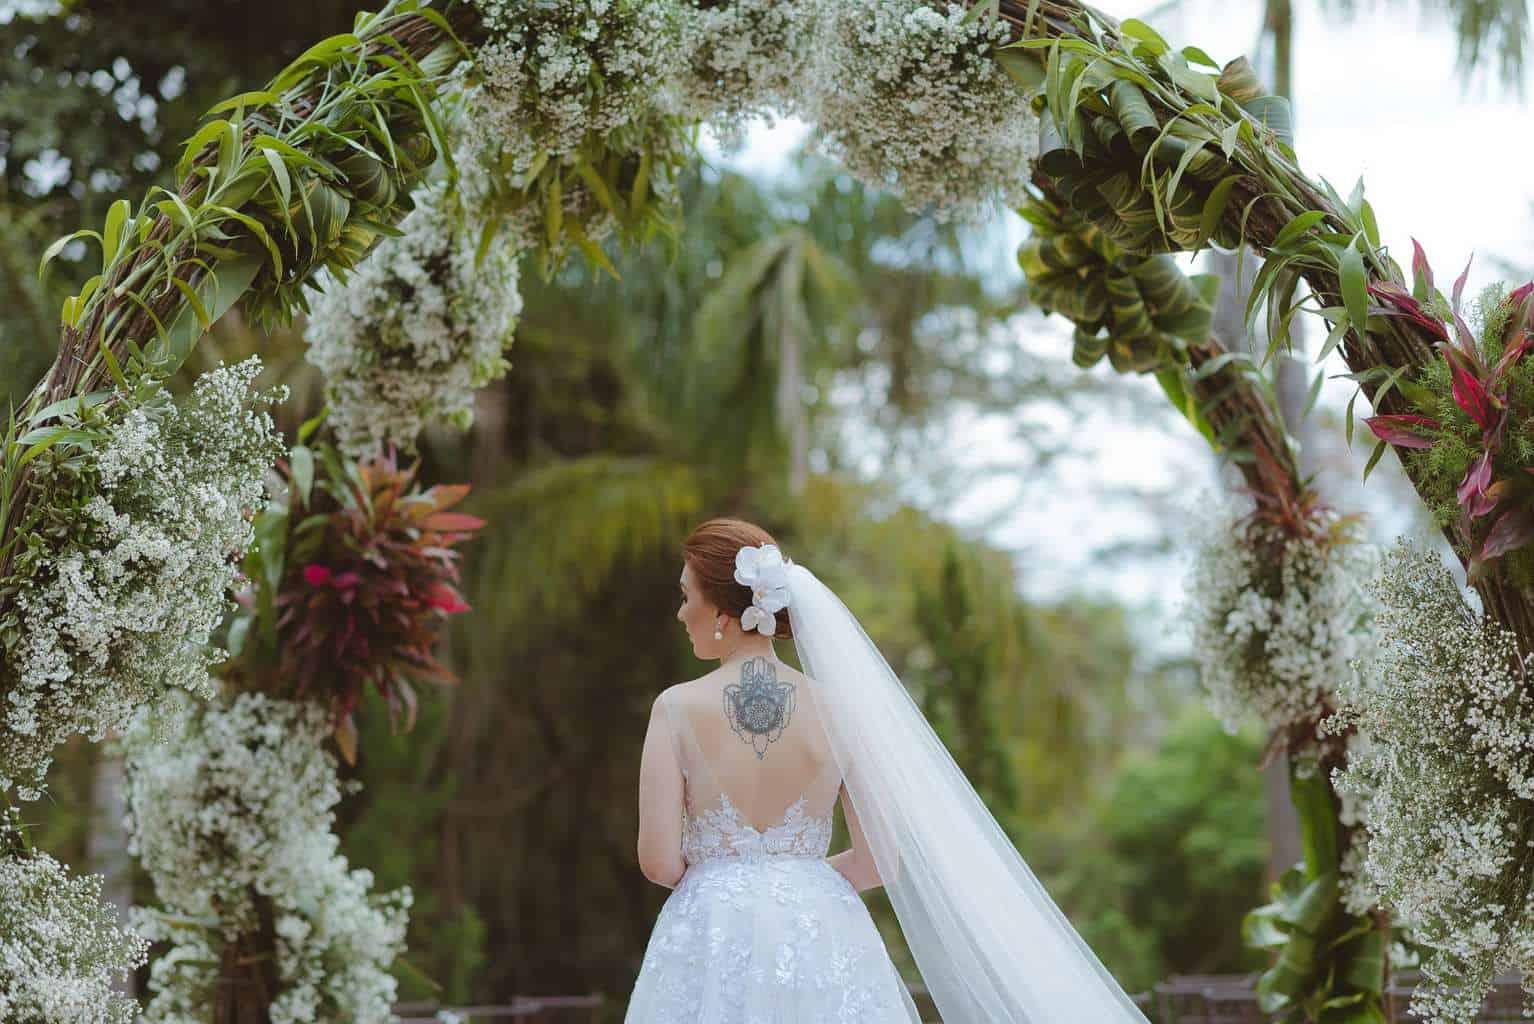 casamento-ao-ar-livre-casamento-boho-casamento-geek-casamento-rustico-casamento-Thais-e-Pedro-noiva-noivos-Revoar-Fotografia-Villa-Borghese-Eventos-39